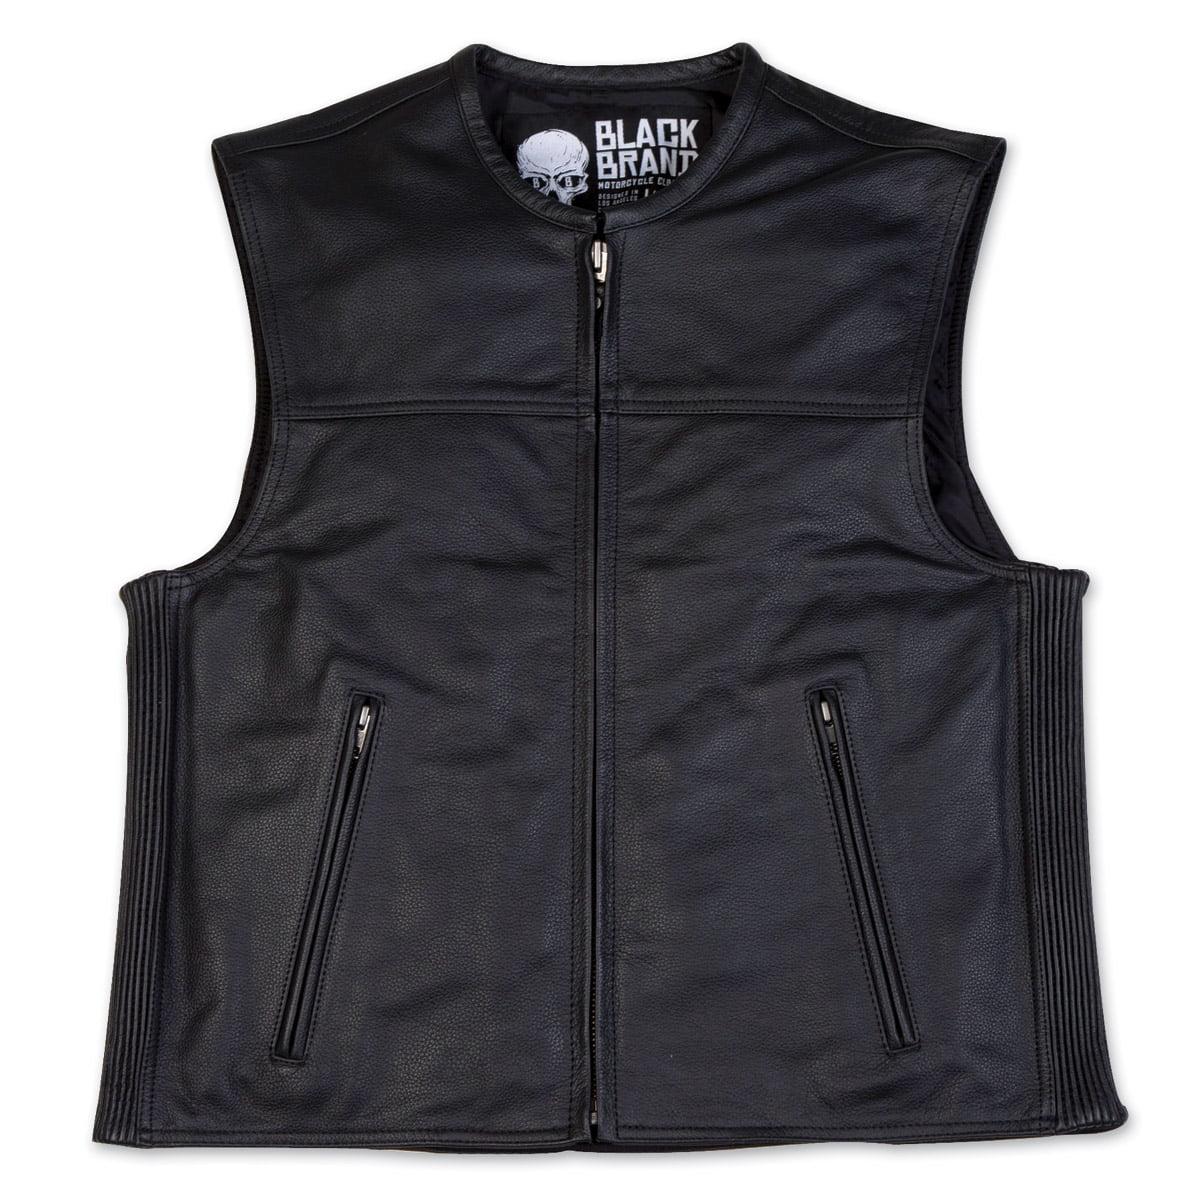 Black Brand Dagger Mens Leather Vest Black MD